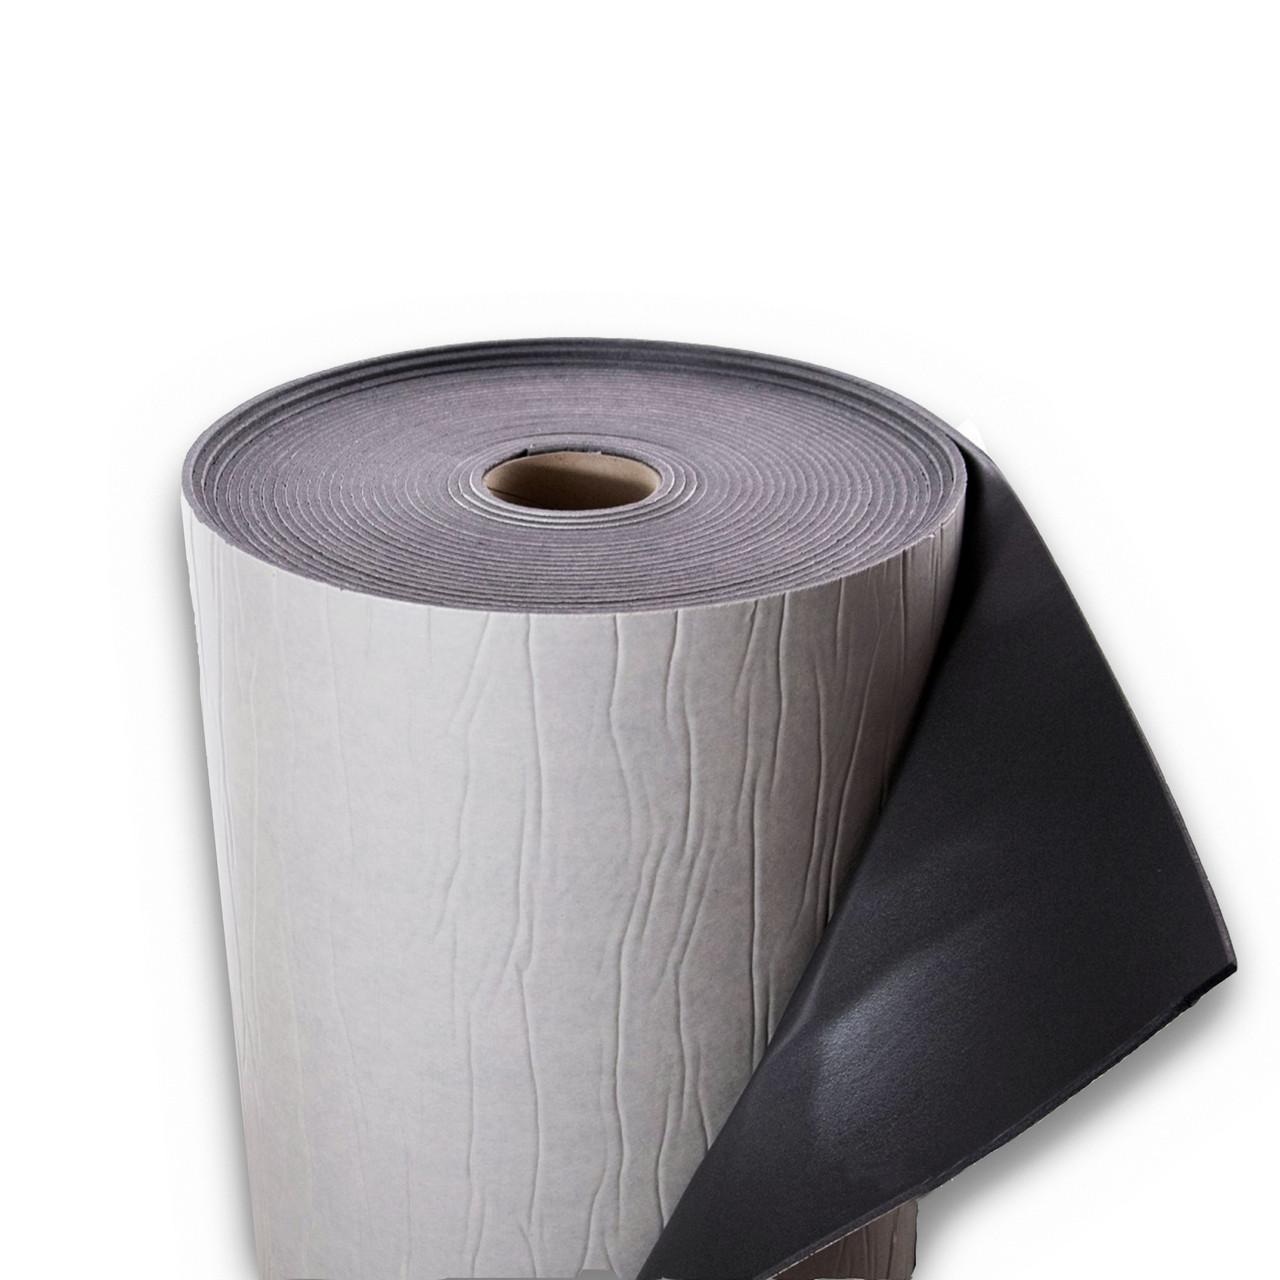 Физически сшитый вспененный полиэтилен самоклеящийся, 5 мм (темно-серый)